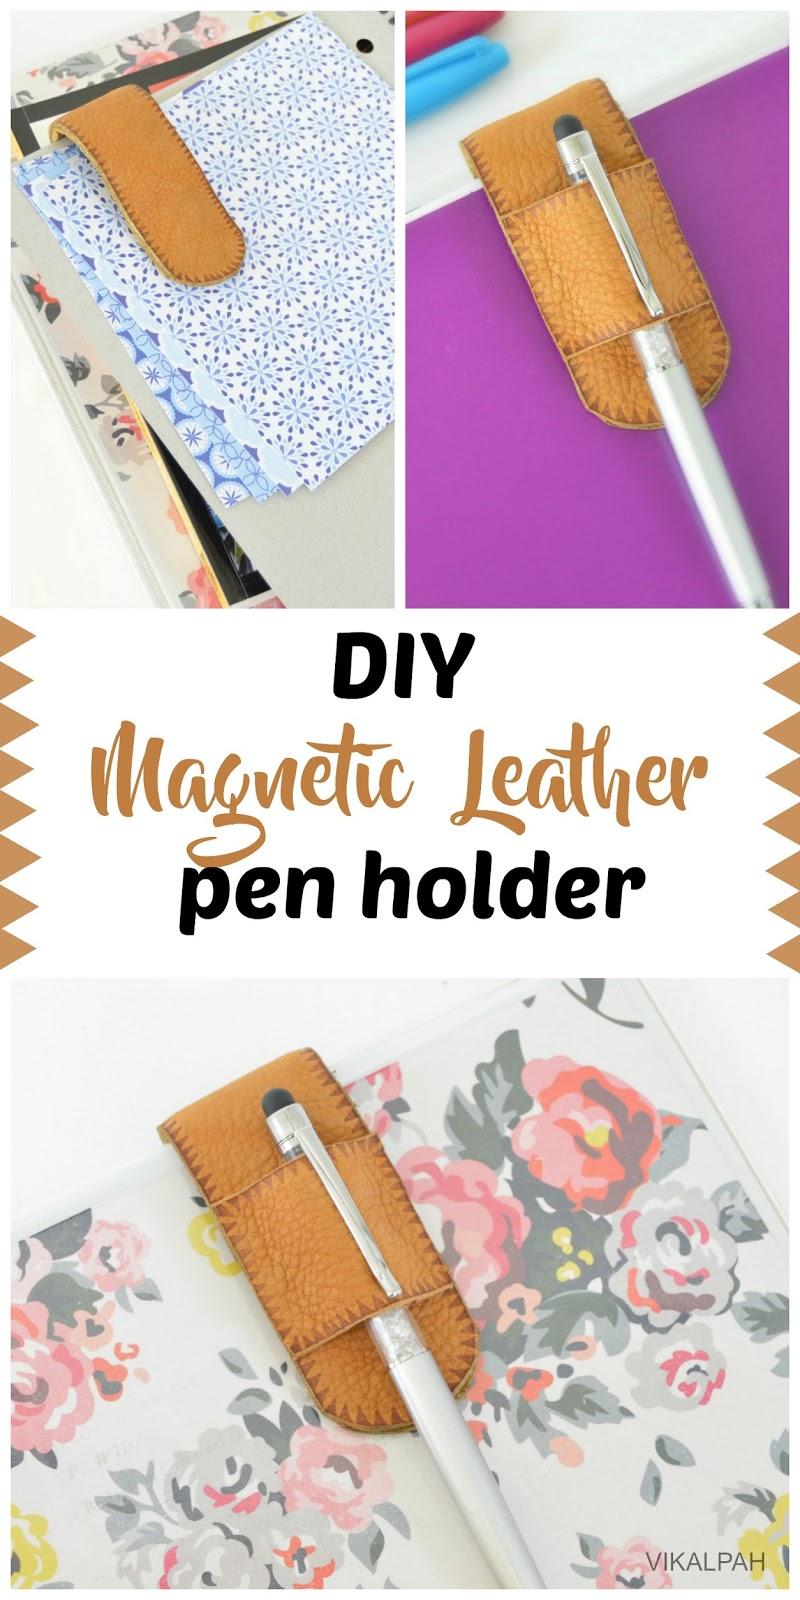 Vikalpah Diy Magnetic Leather Pen Holder